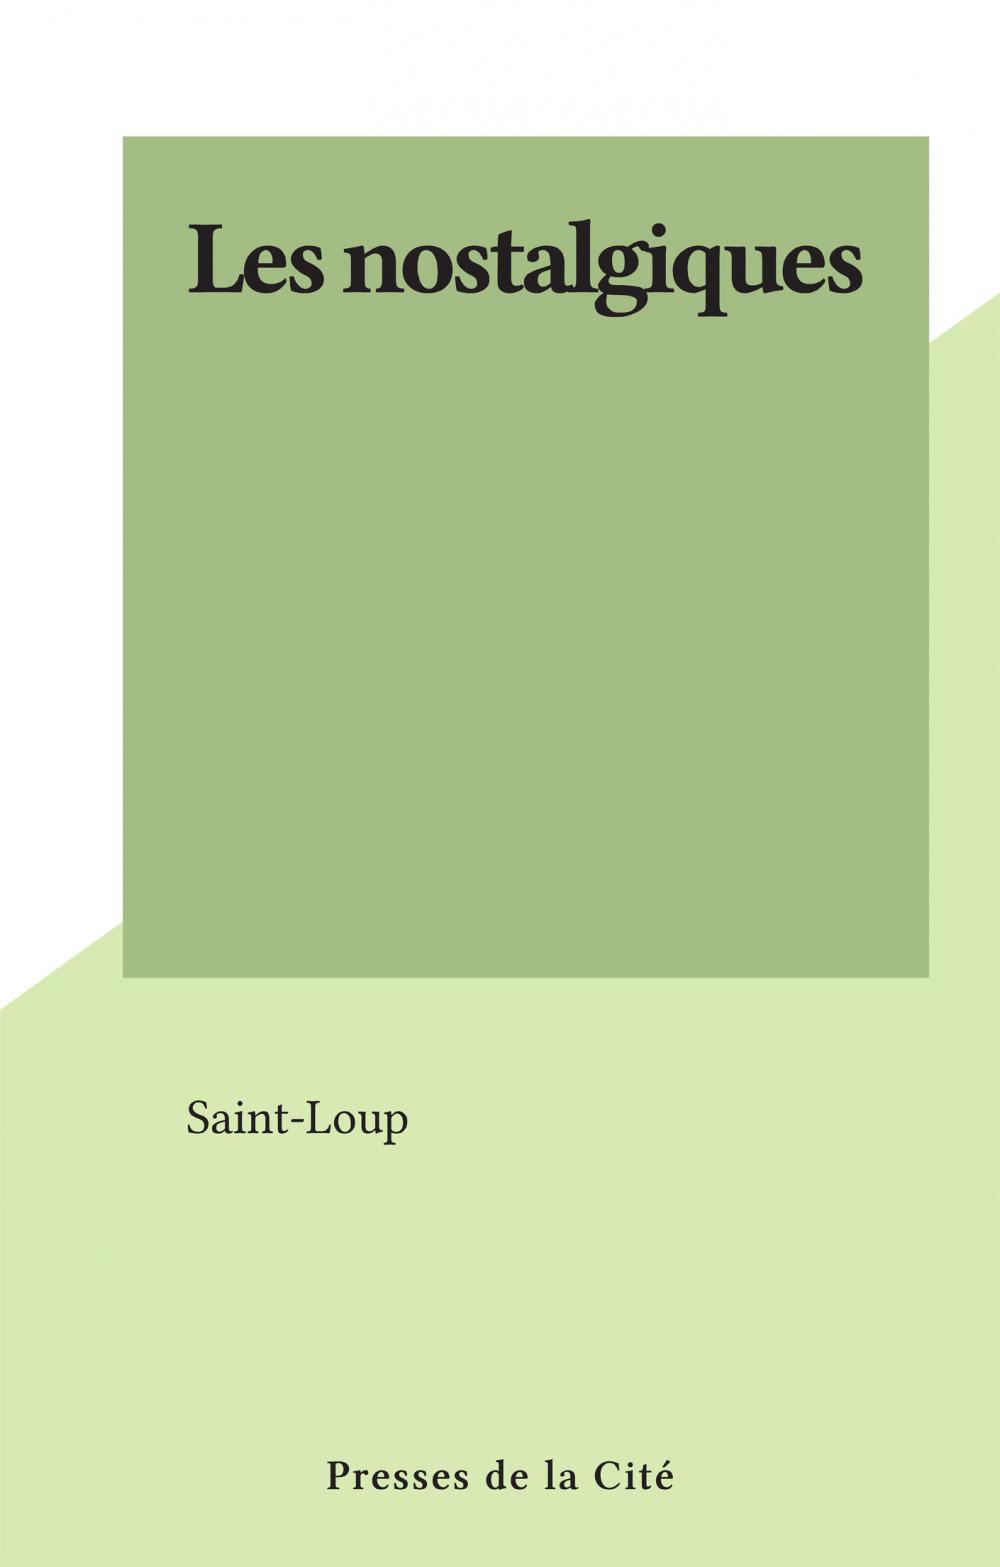 Les nostalgiques  - Saint-Loup